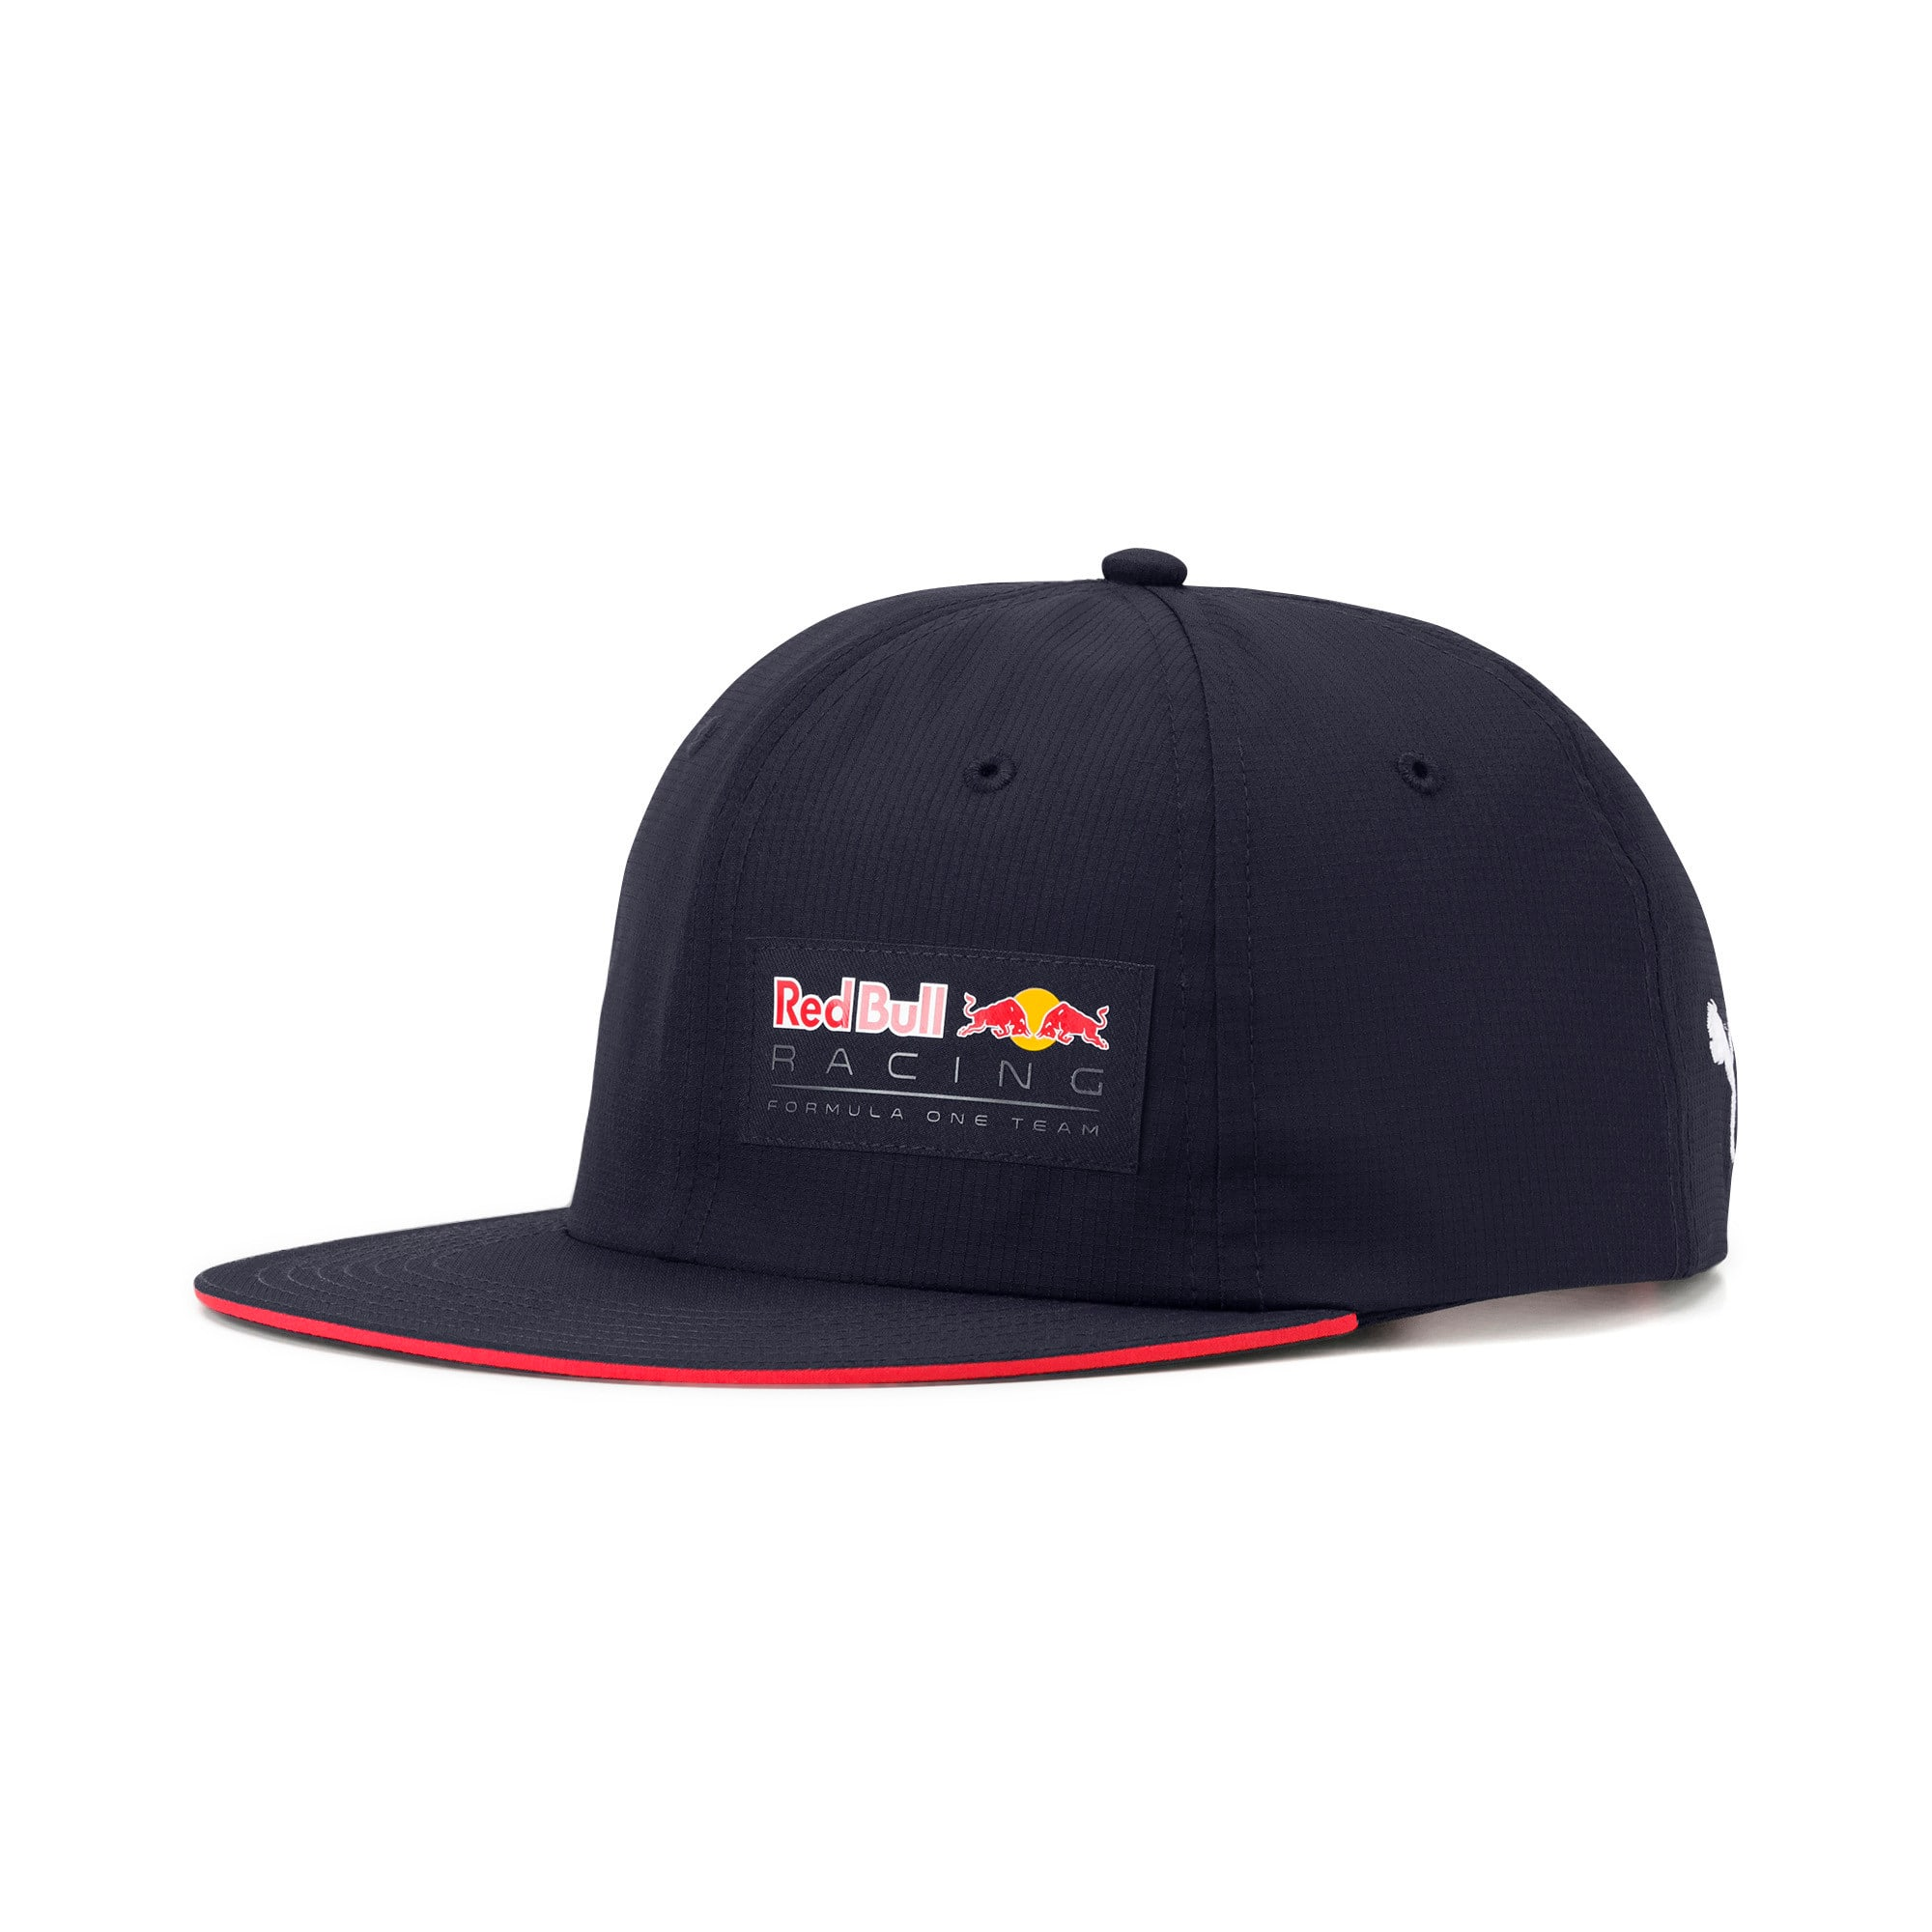 Thumbnail 1 of Red Bull Racing Lifestyle Flat Brim Cap, NIGHT SKY, medium